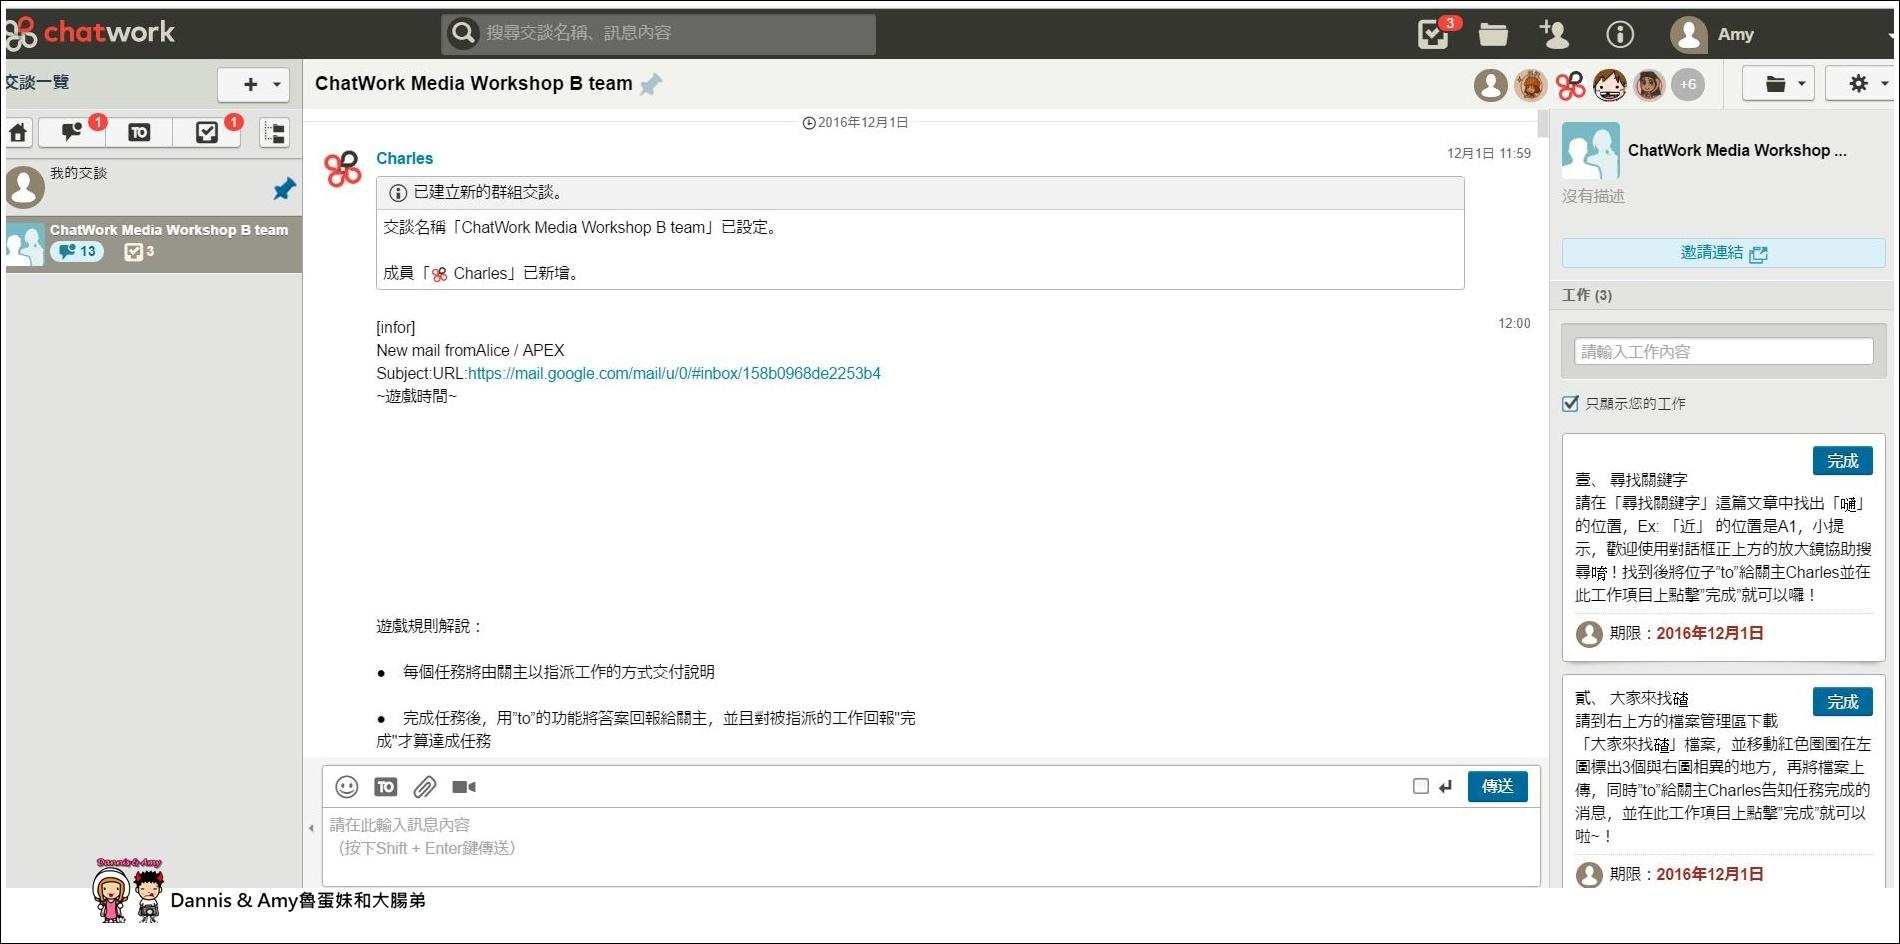 20161201《資訊報報》日本商用第一通訊軟體ChatWork讓你輕鬆擁有雲端會議室。ChatWork尾牙提案競賽搶優勝得十萬元尾牙基金︱ (9).JPG